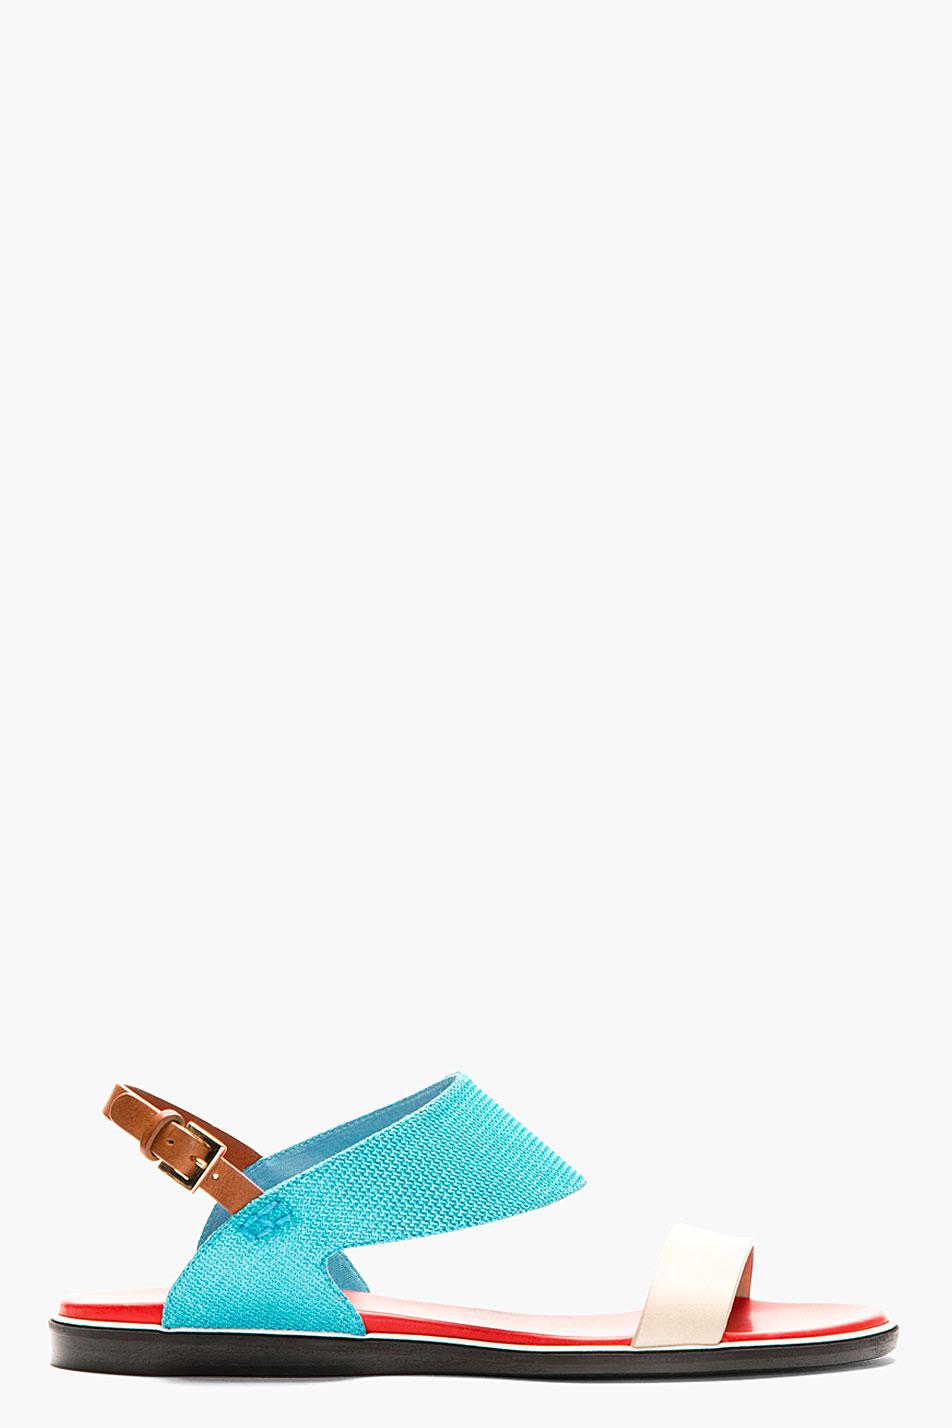 Nicholas kirkwood turquoise flat sandals